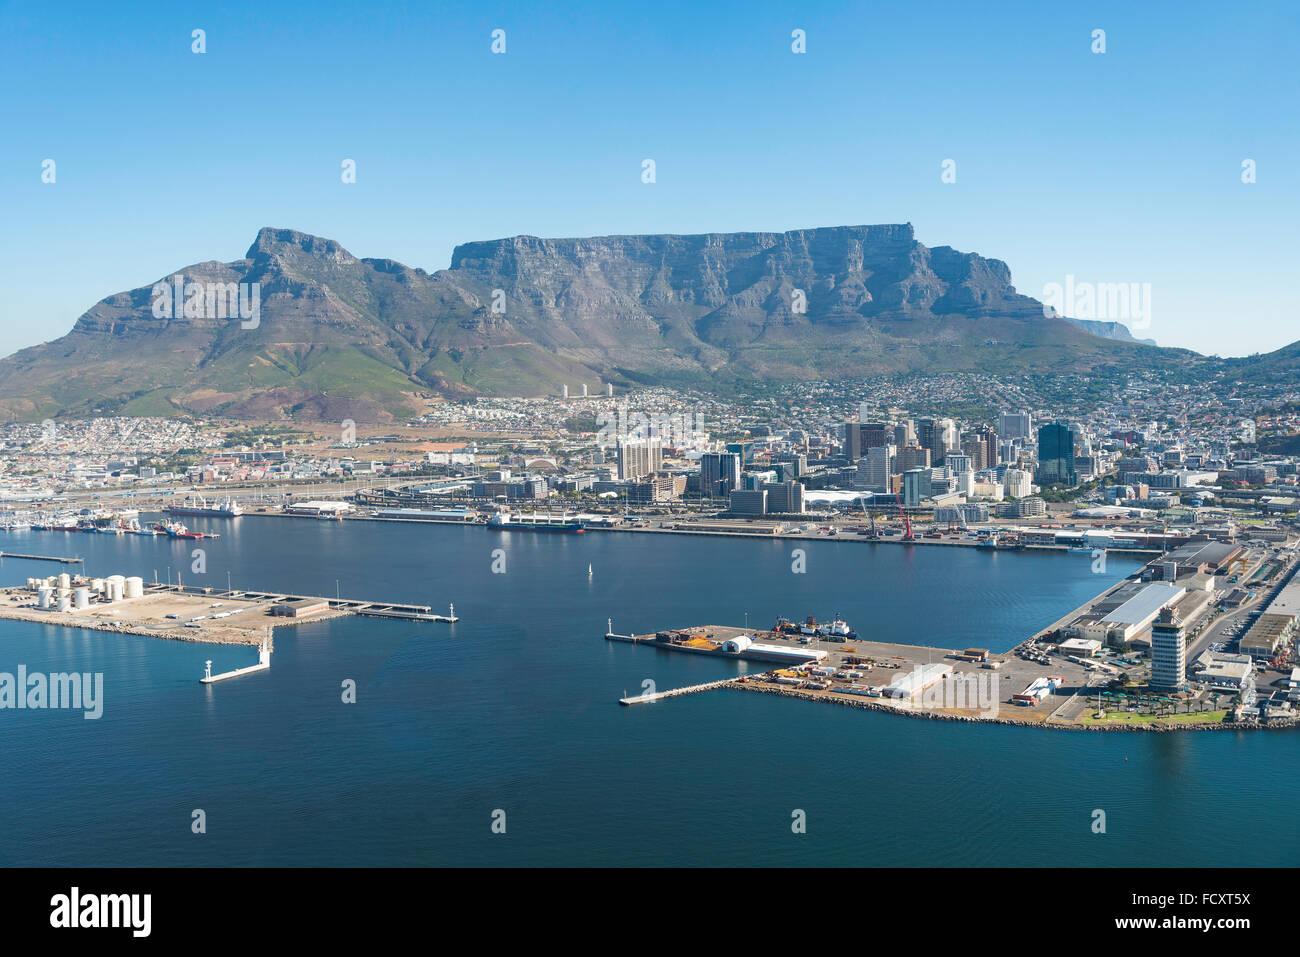 Vue aérienne de la ville et le port, ville du Cap, la municipalité métropolitaine Province de Western Photo Stock